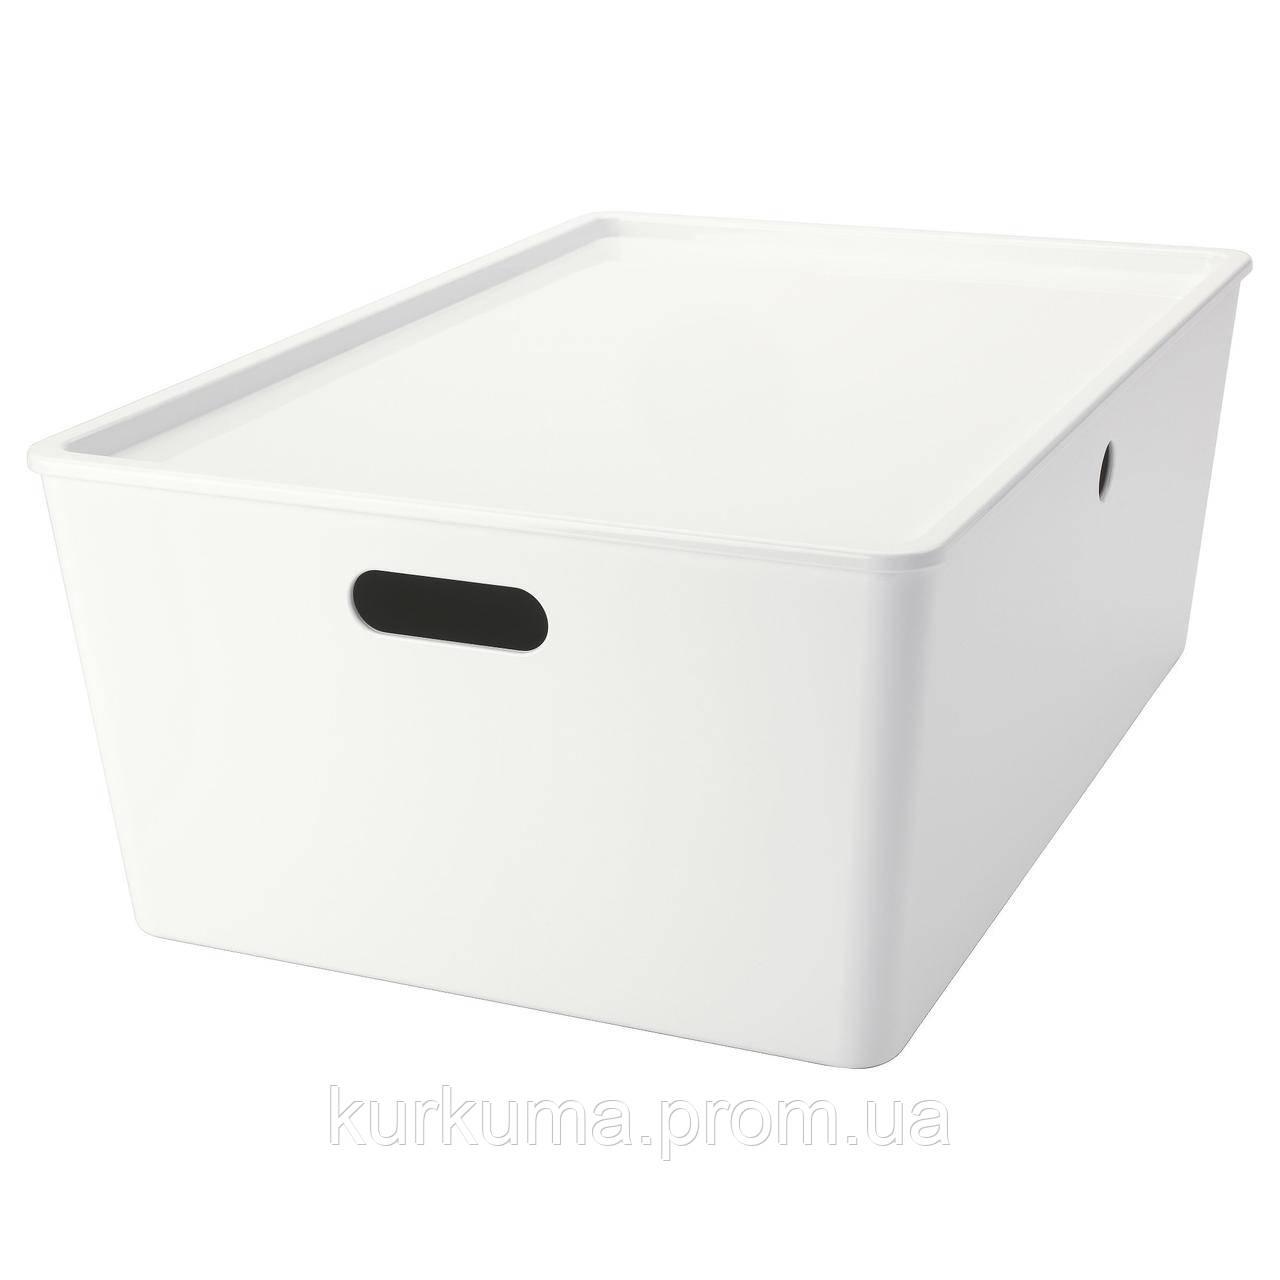 IKEA KUGGIS Коробка с крышкой, белый  (102.802.03)